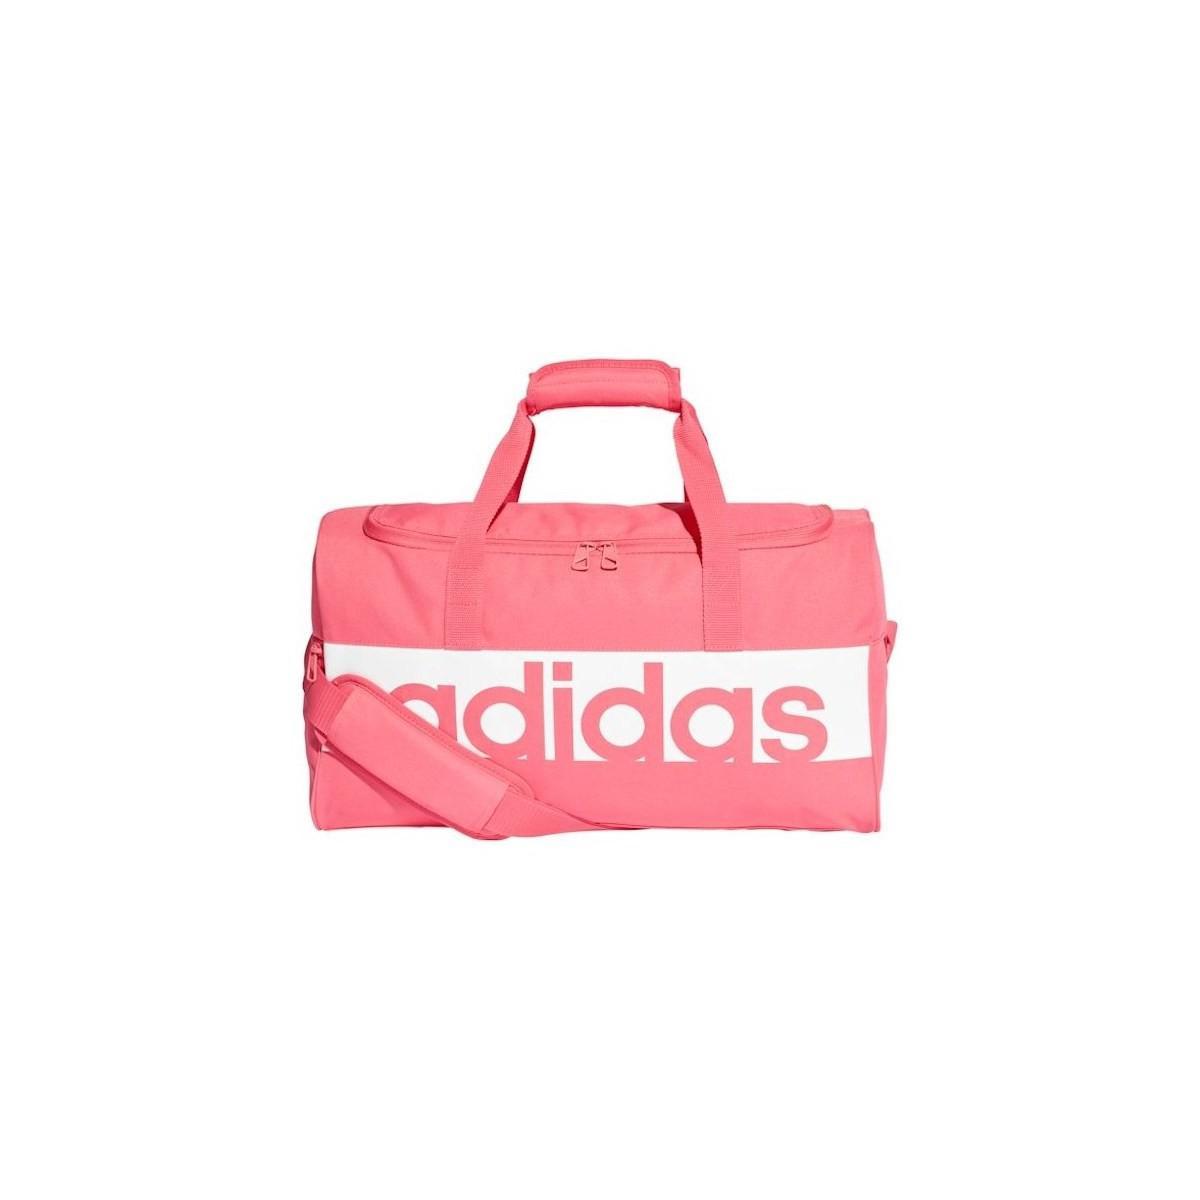 cb470bc6f20e adidas Lin Per Tb S Women s Sports Bag In Multicolour in Pink for ...